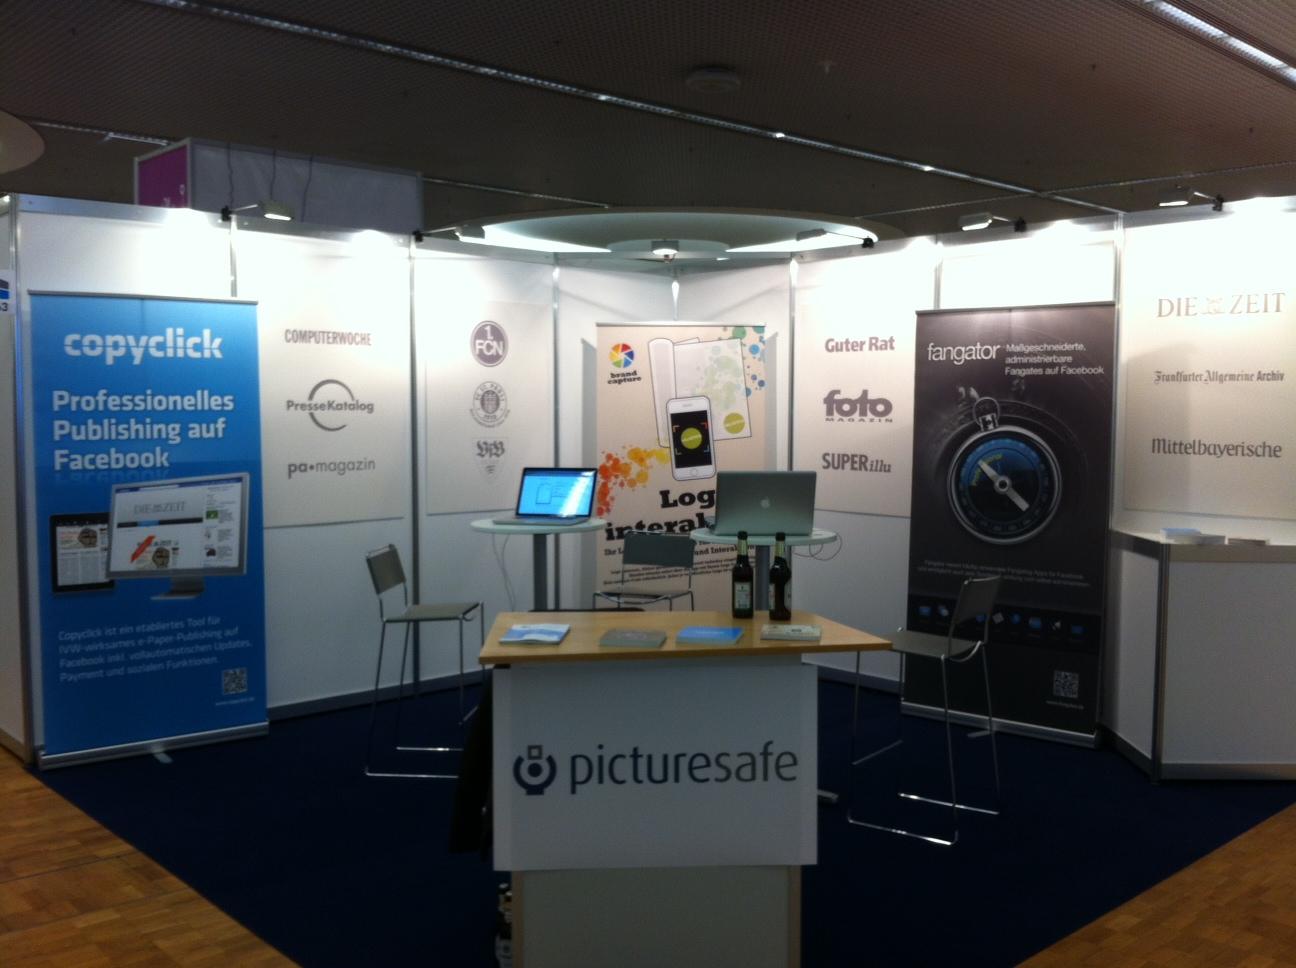 Fangator auf der Messe Internet World 2012 München / 27. und 28. März 2012